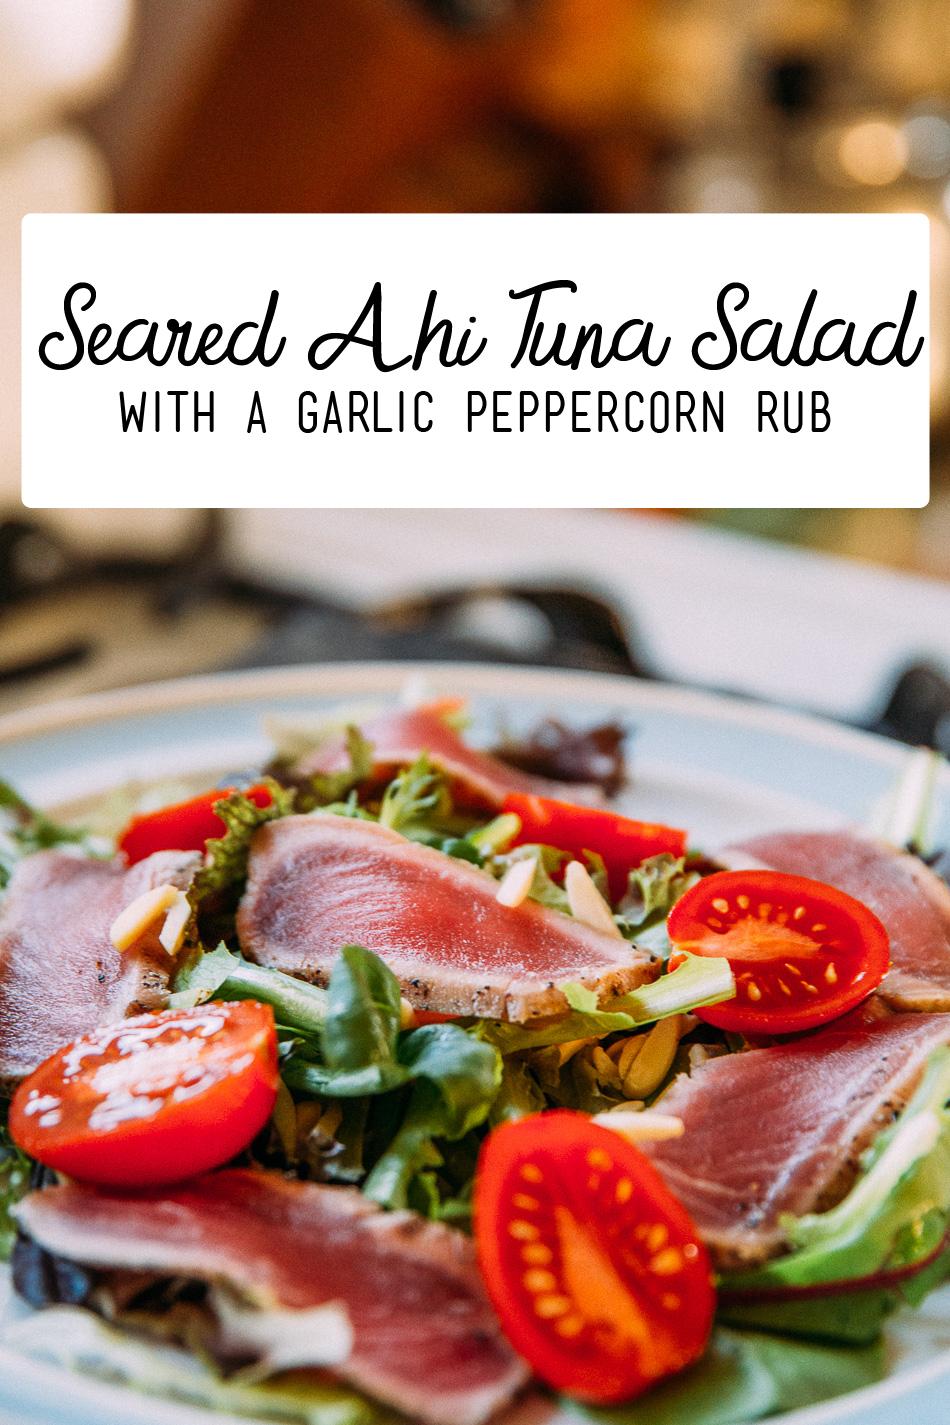 Seared Ahi Tuna Salad // livelovesimple.com